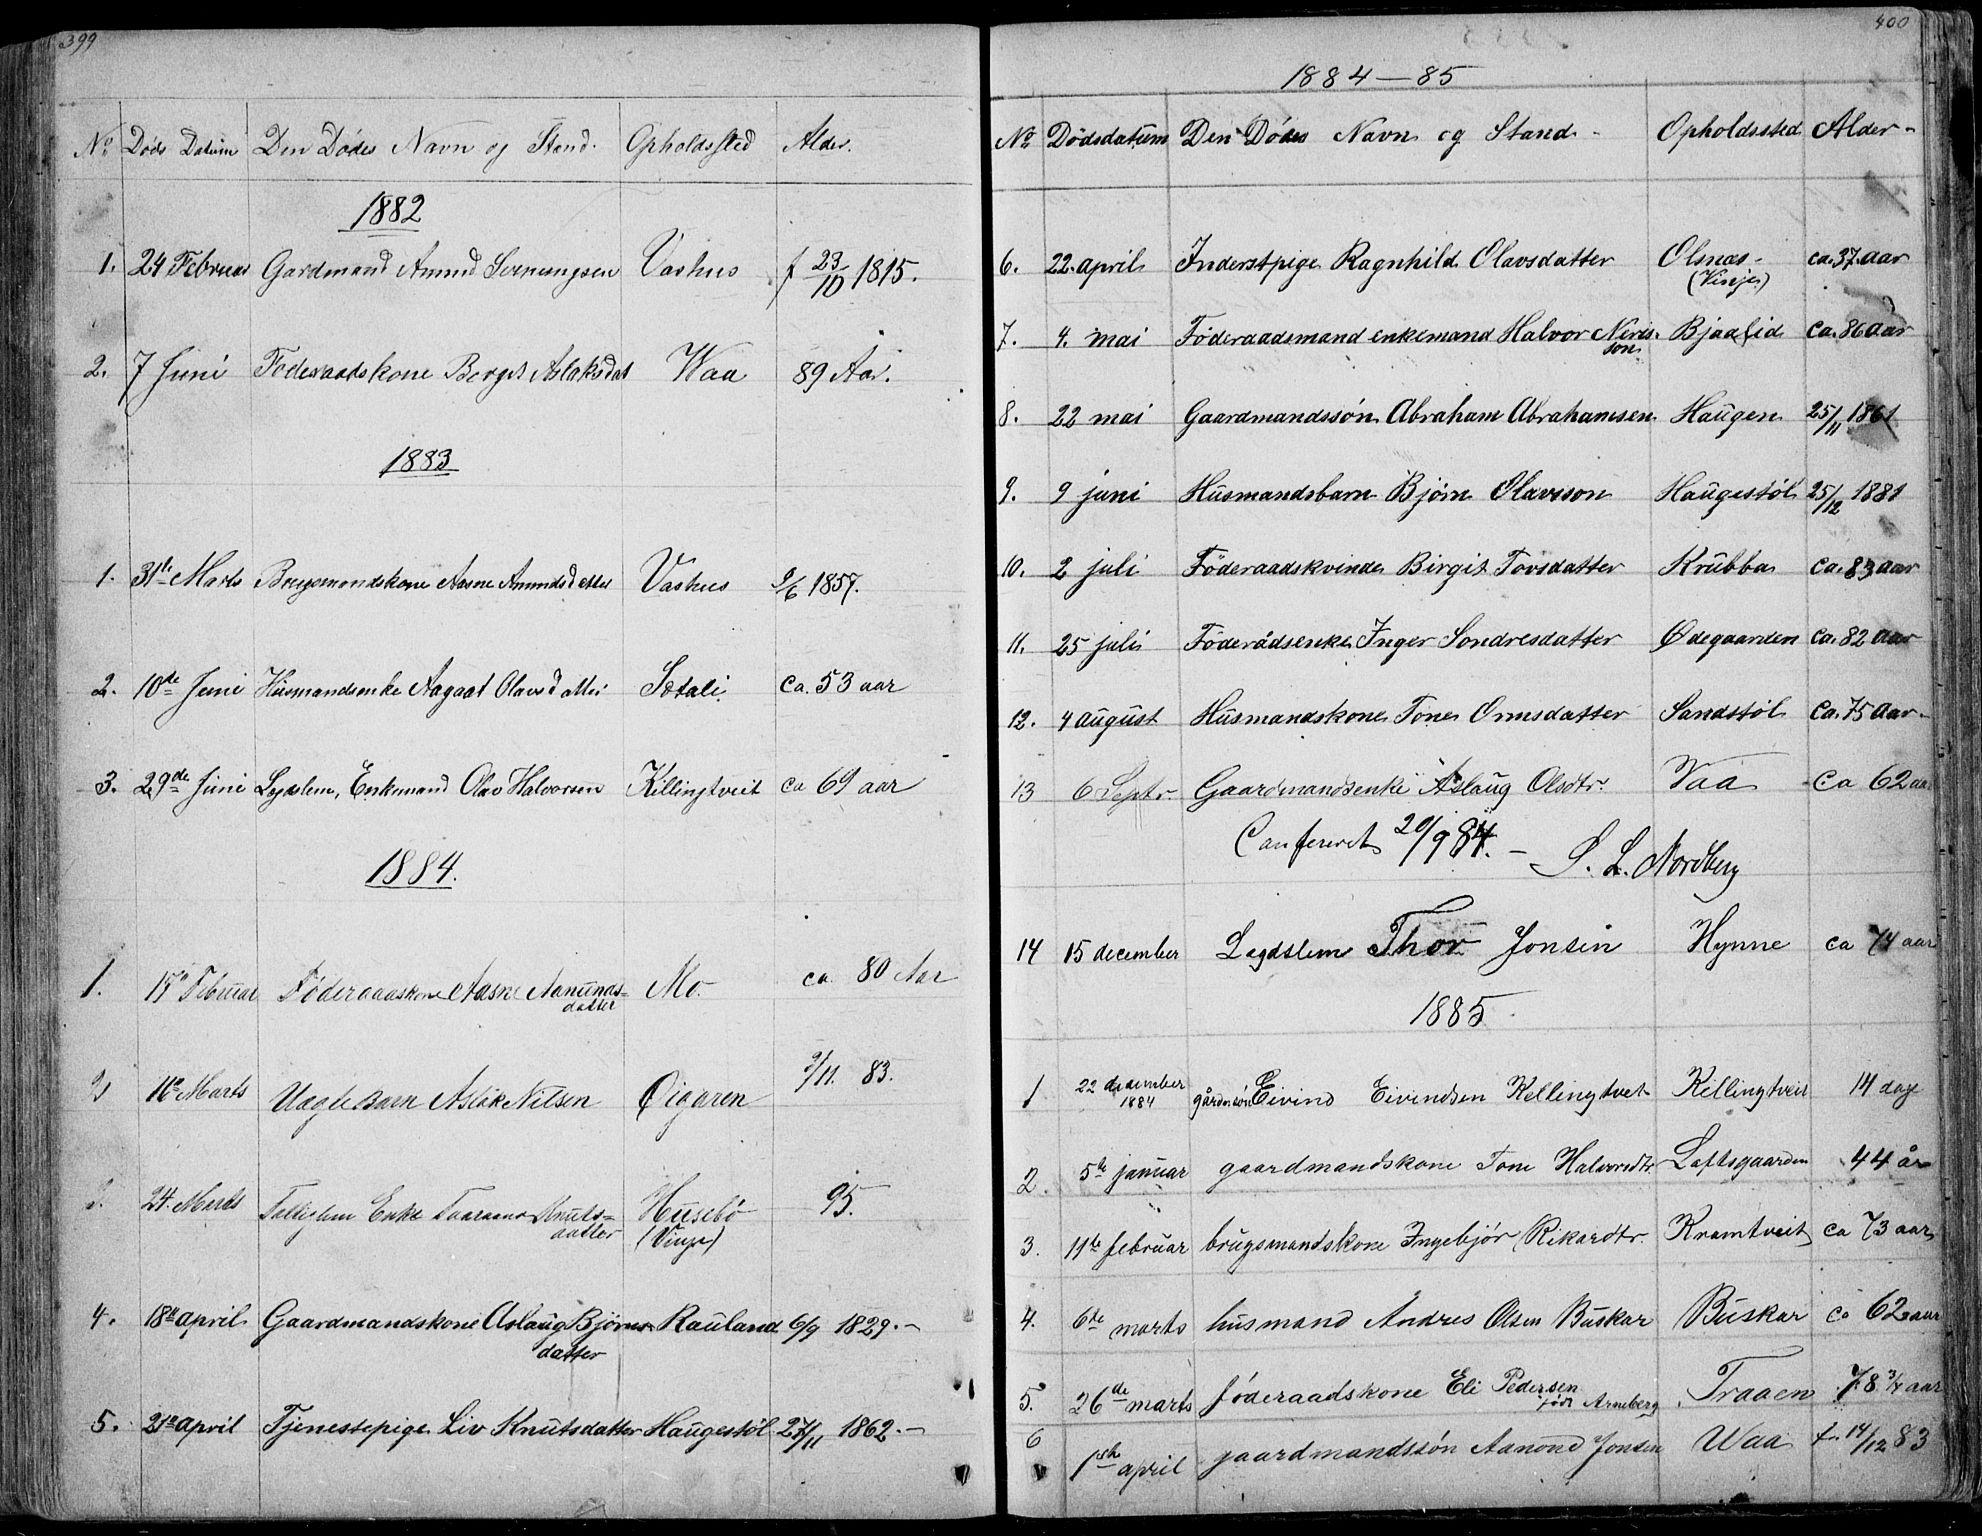 SAKO, Rauland kirkebøker, G/Ga/L0002: Klokkerbok nr. I 2, 1849-1935, s. 399-400